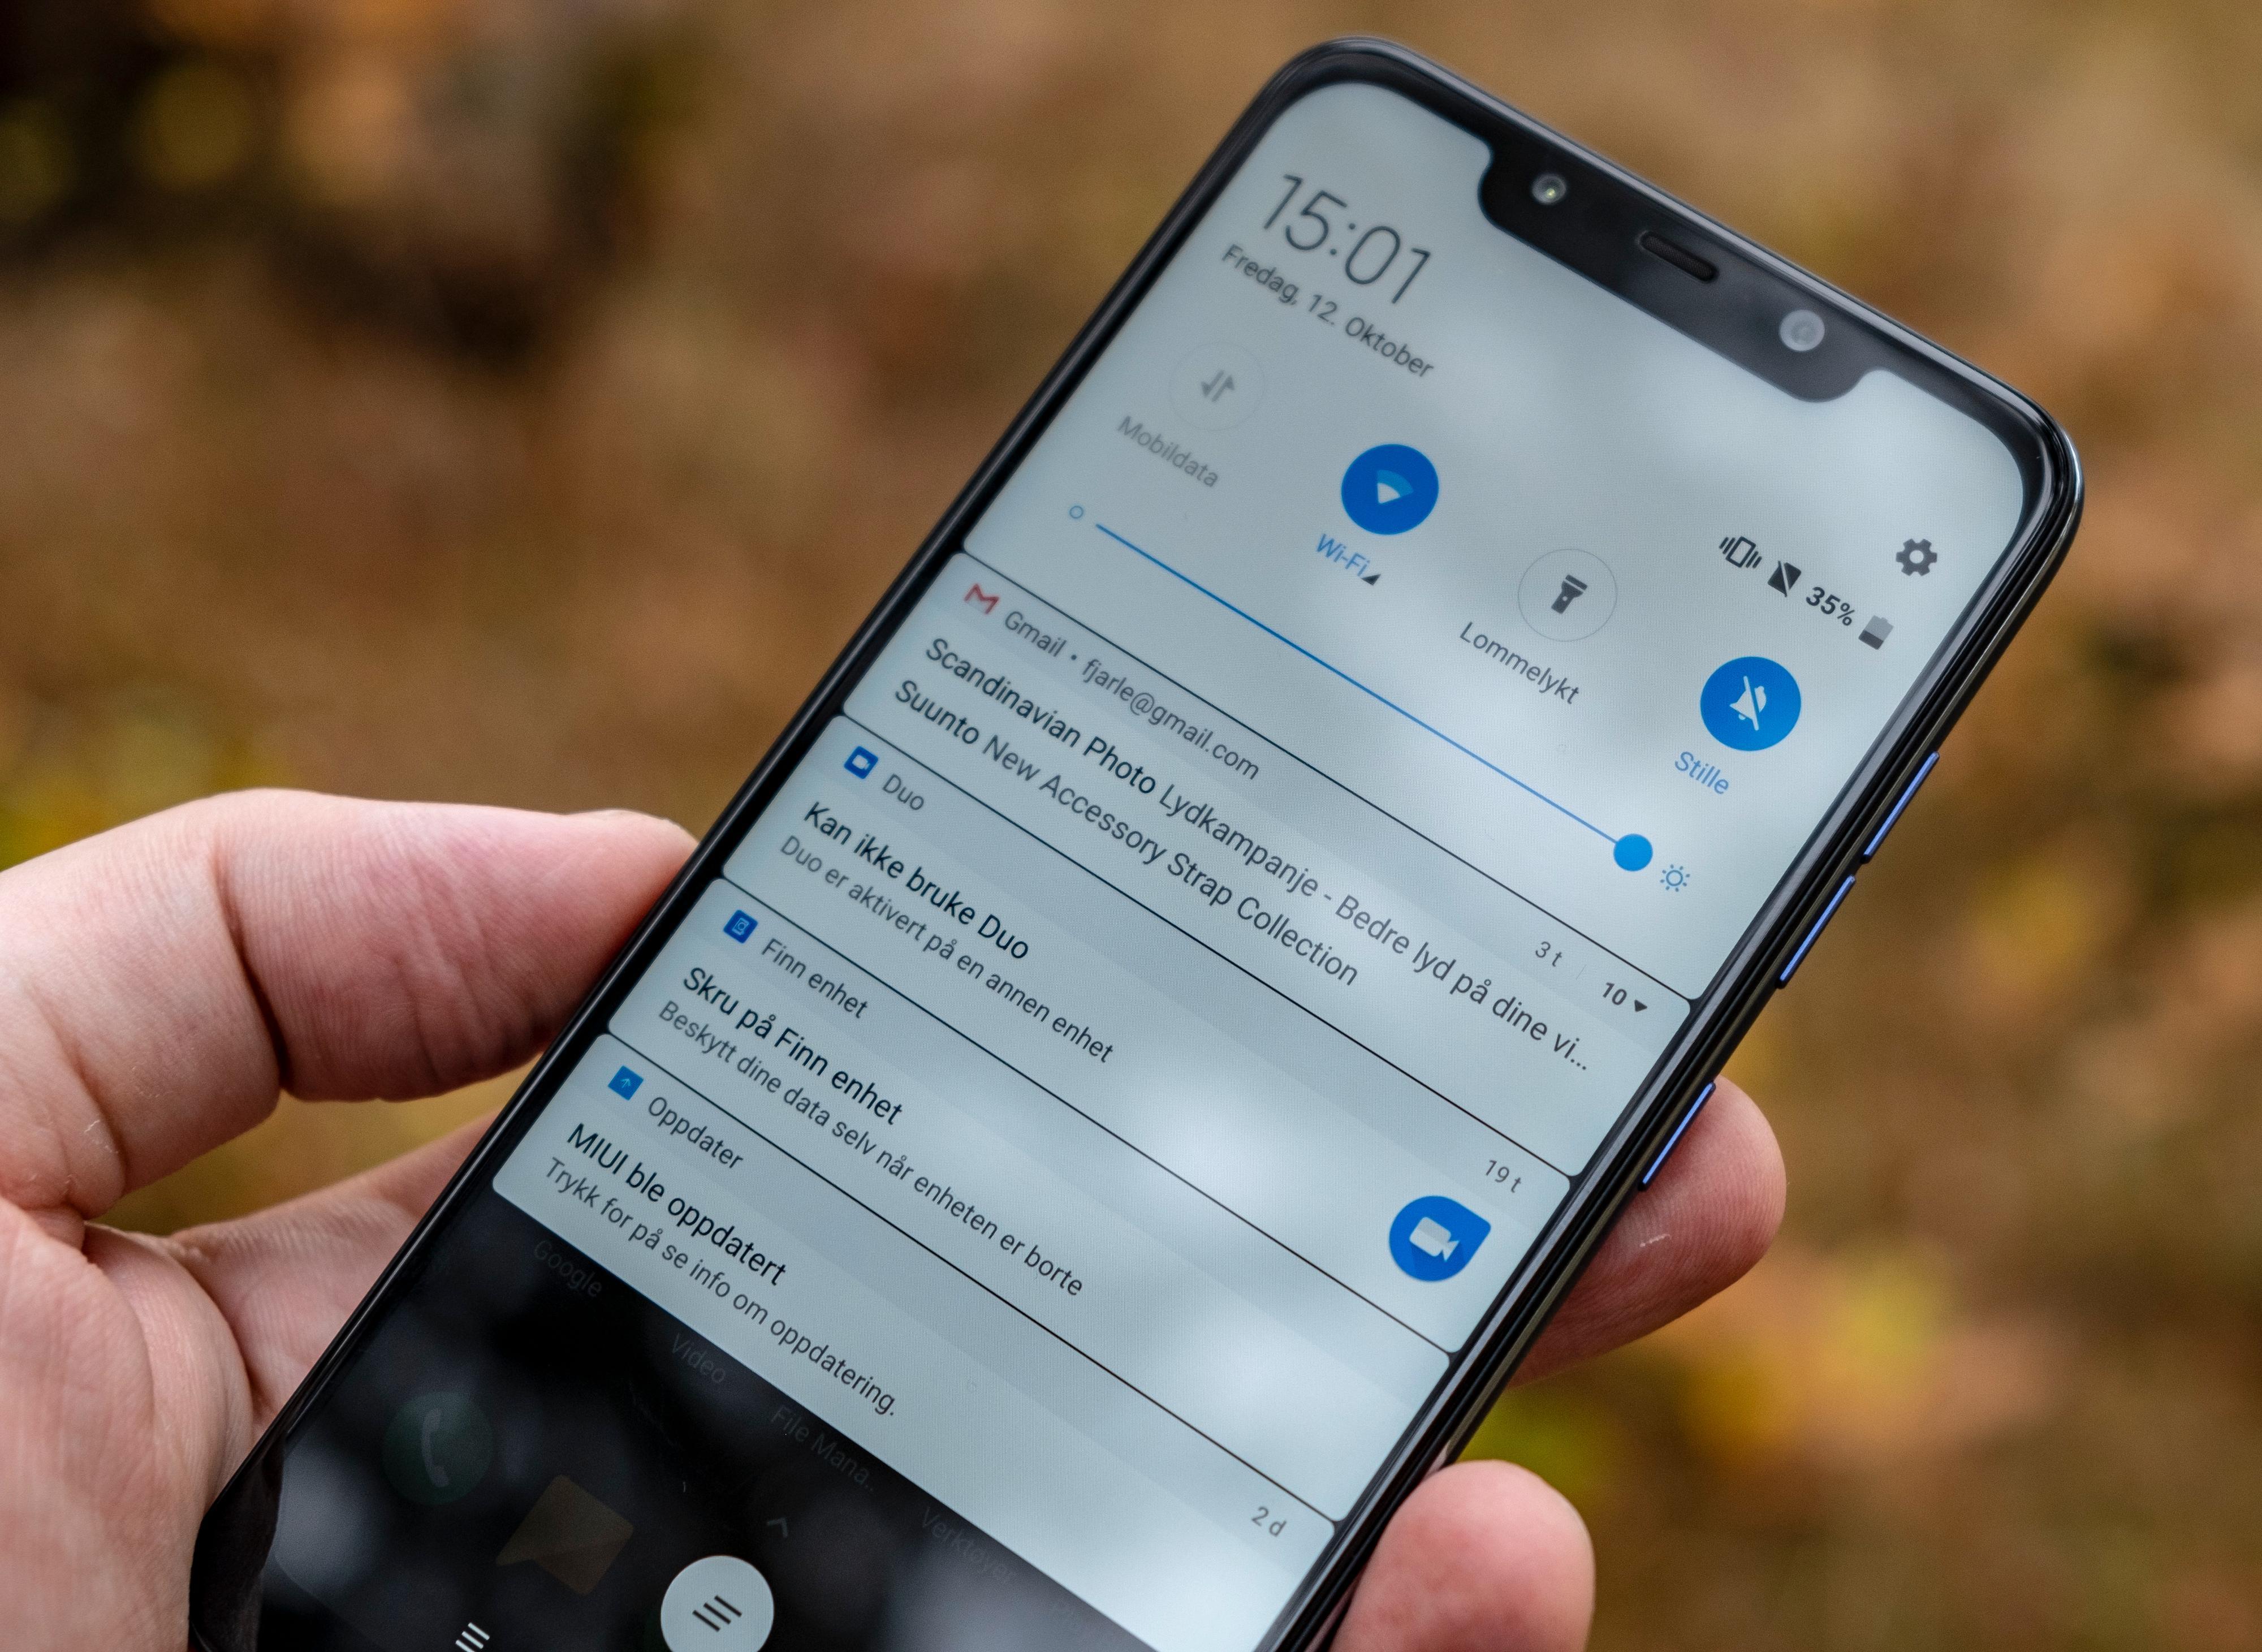 Programvaren har en del til felles med ren Android fra Google, men noen steder har Xiaomi gjort ganske store endringer. Menyene er ikke like hurtige som i andre Snapdragon 845-telefoner - men maskinvaren er lik, så kanskje det blir bedre etter en oppdatering?